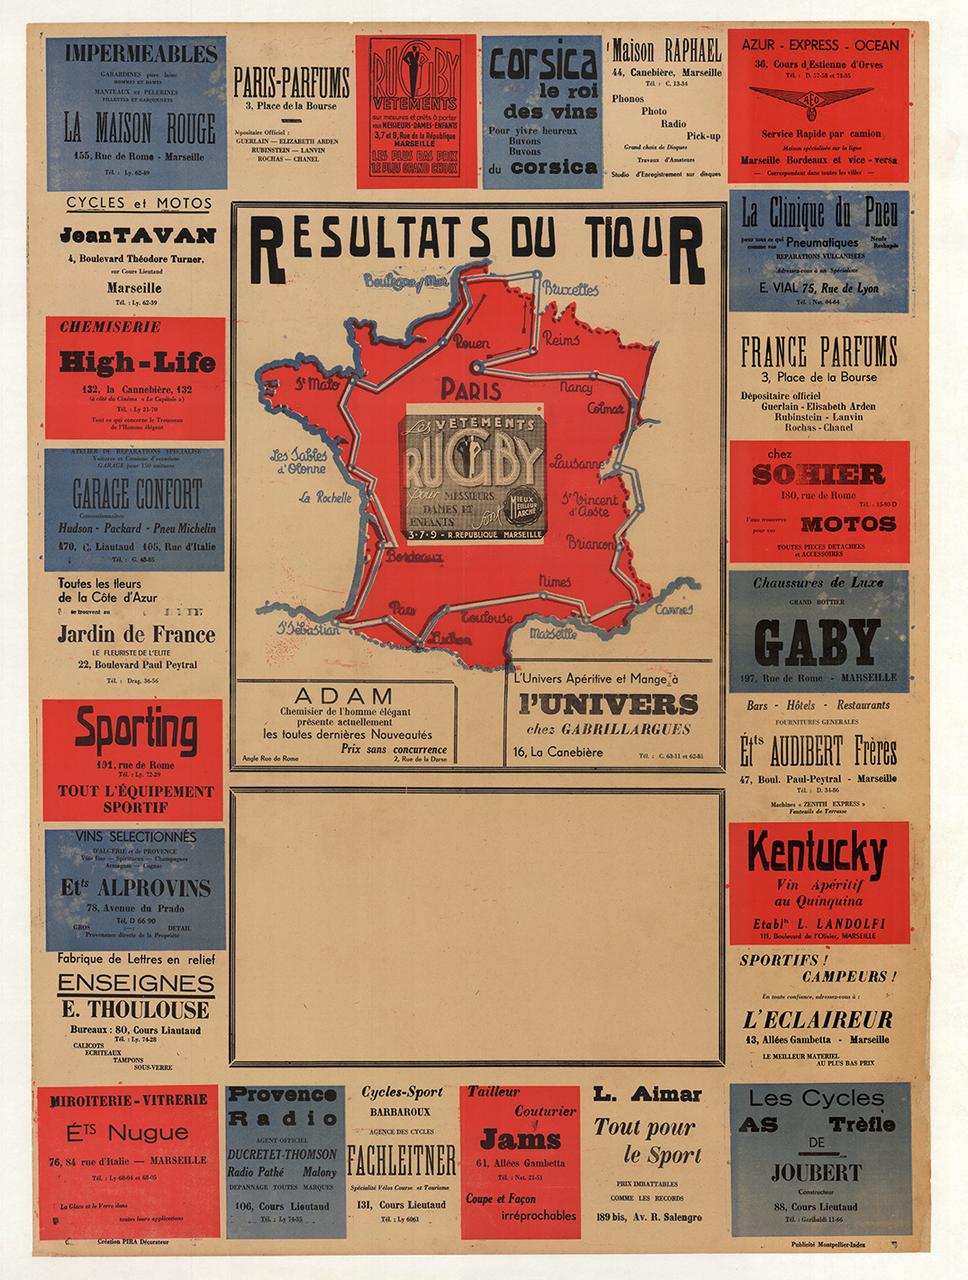 1950 Résultats du Tiour Tour de France Bicycle Map Poster